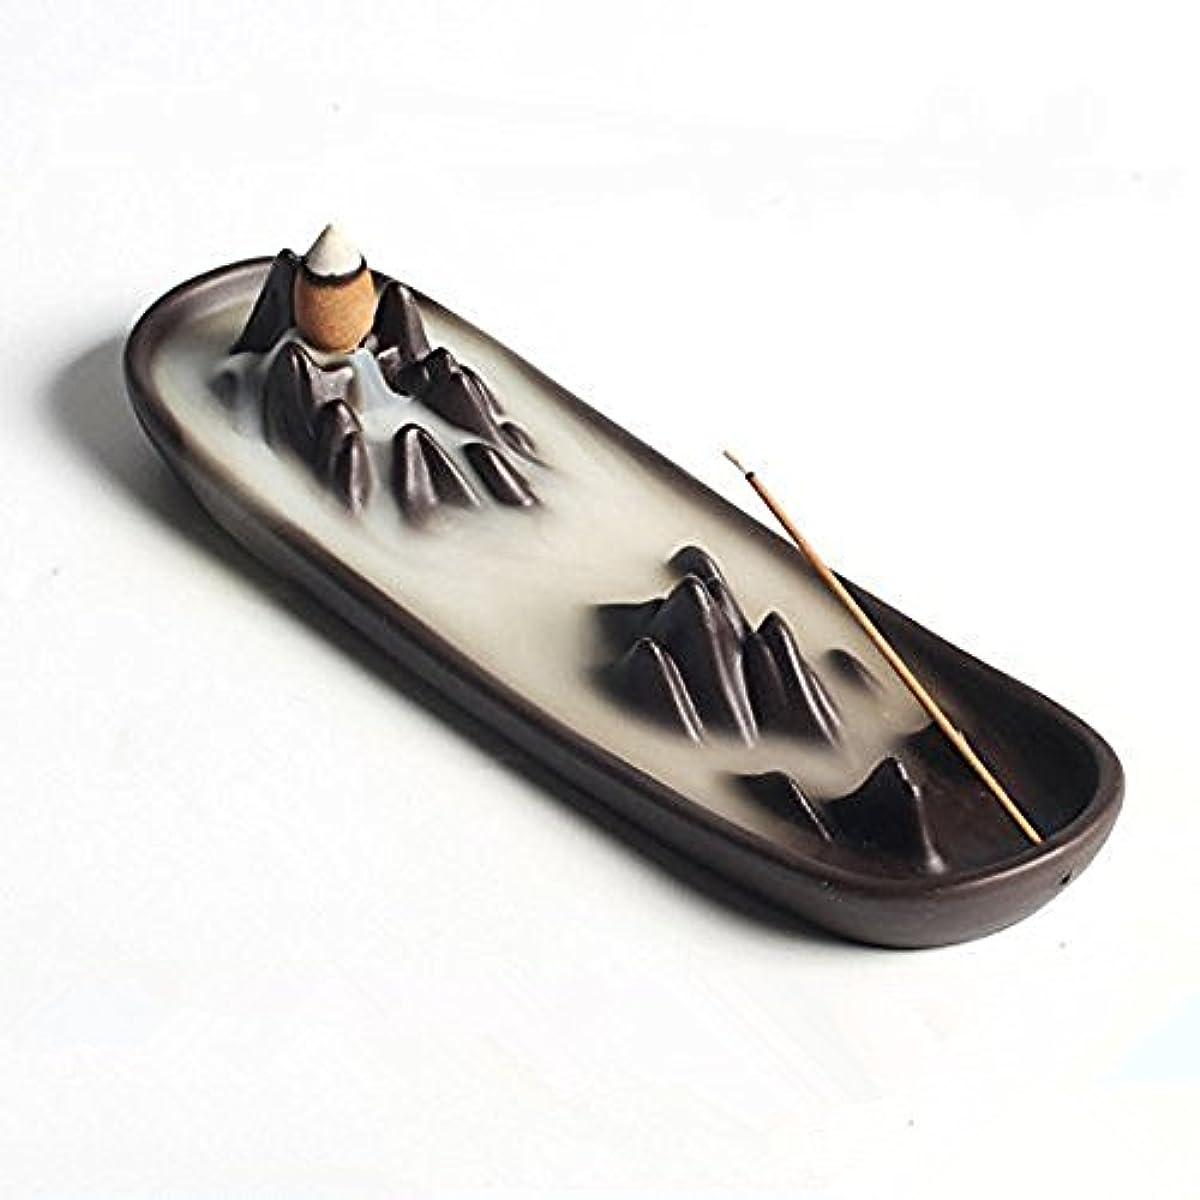 メロドラマ悪夢無効にするCeramic mountain peak Boat Style Multifunction Incense Burner Stick Backflow Incense Holder Clay Incense Ash Catcher...